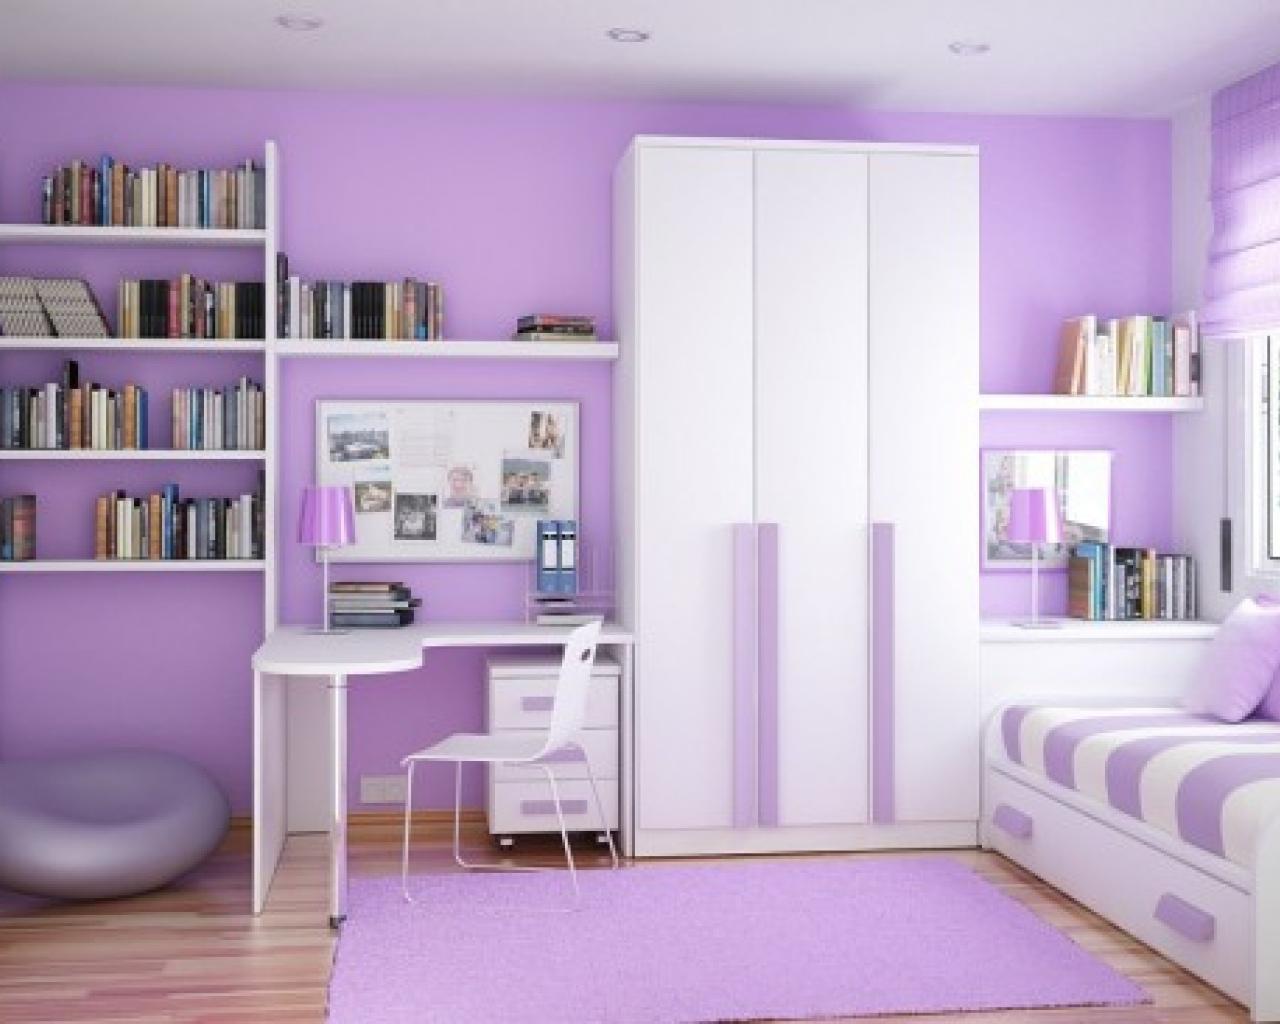 5 Cara sederhana mendesain kamar tidur agar makin keren & bikin betah